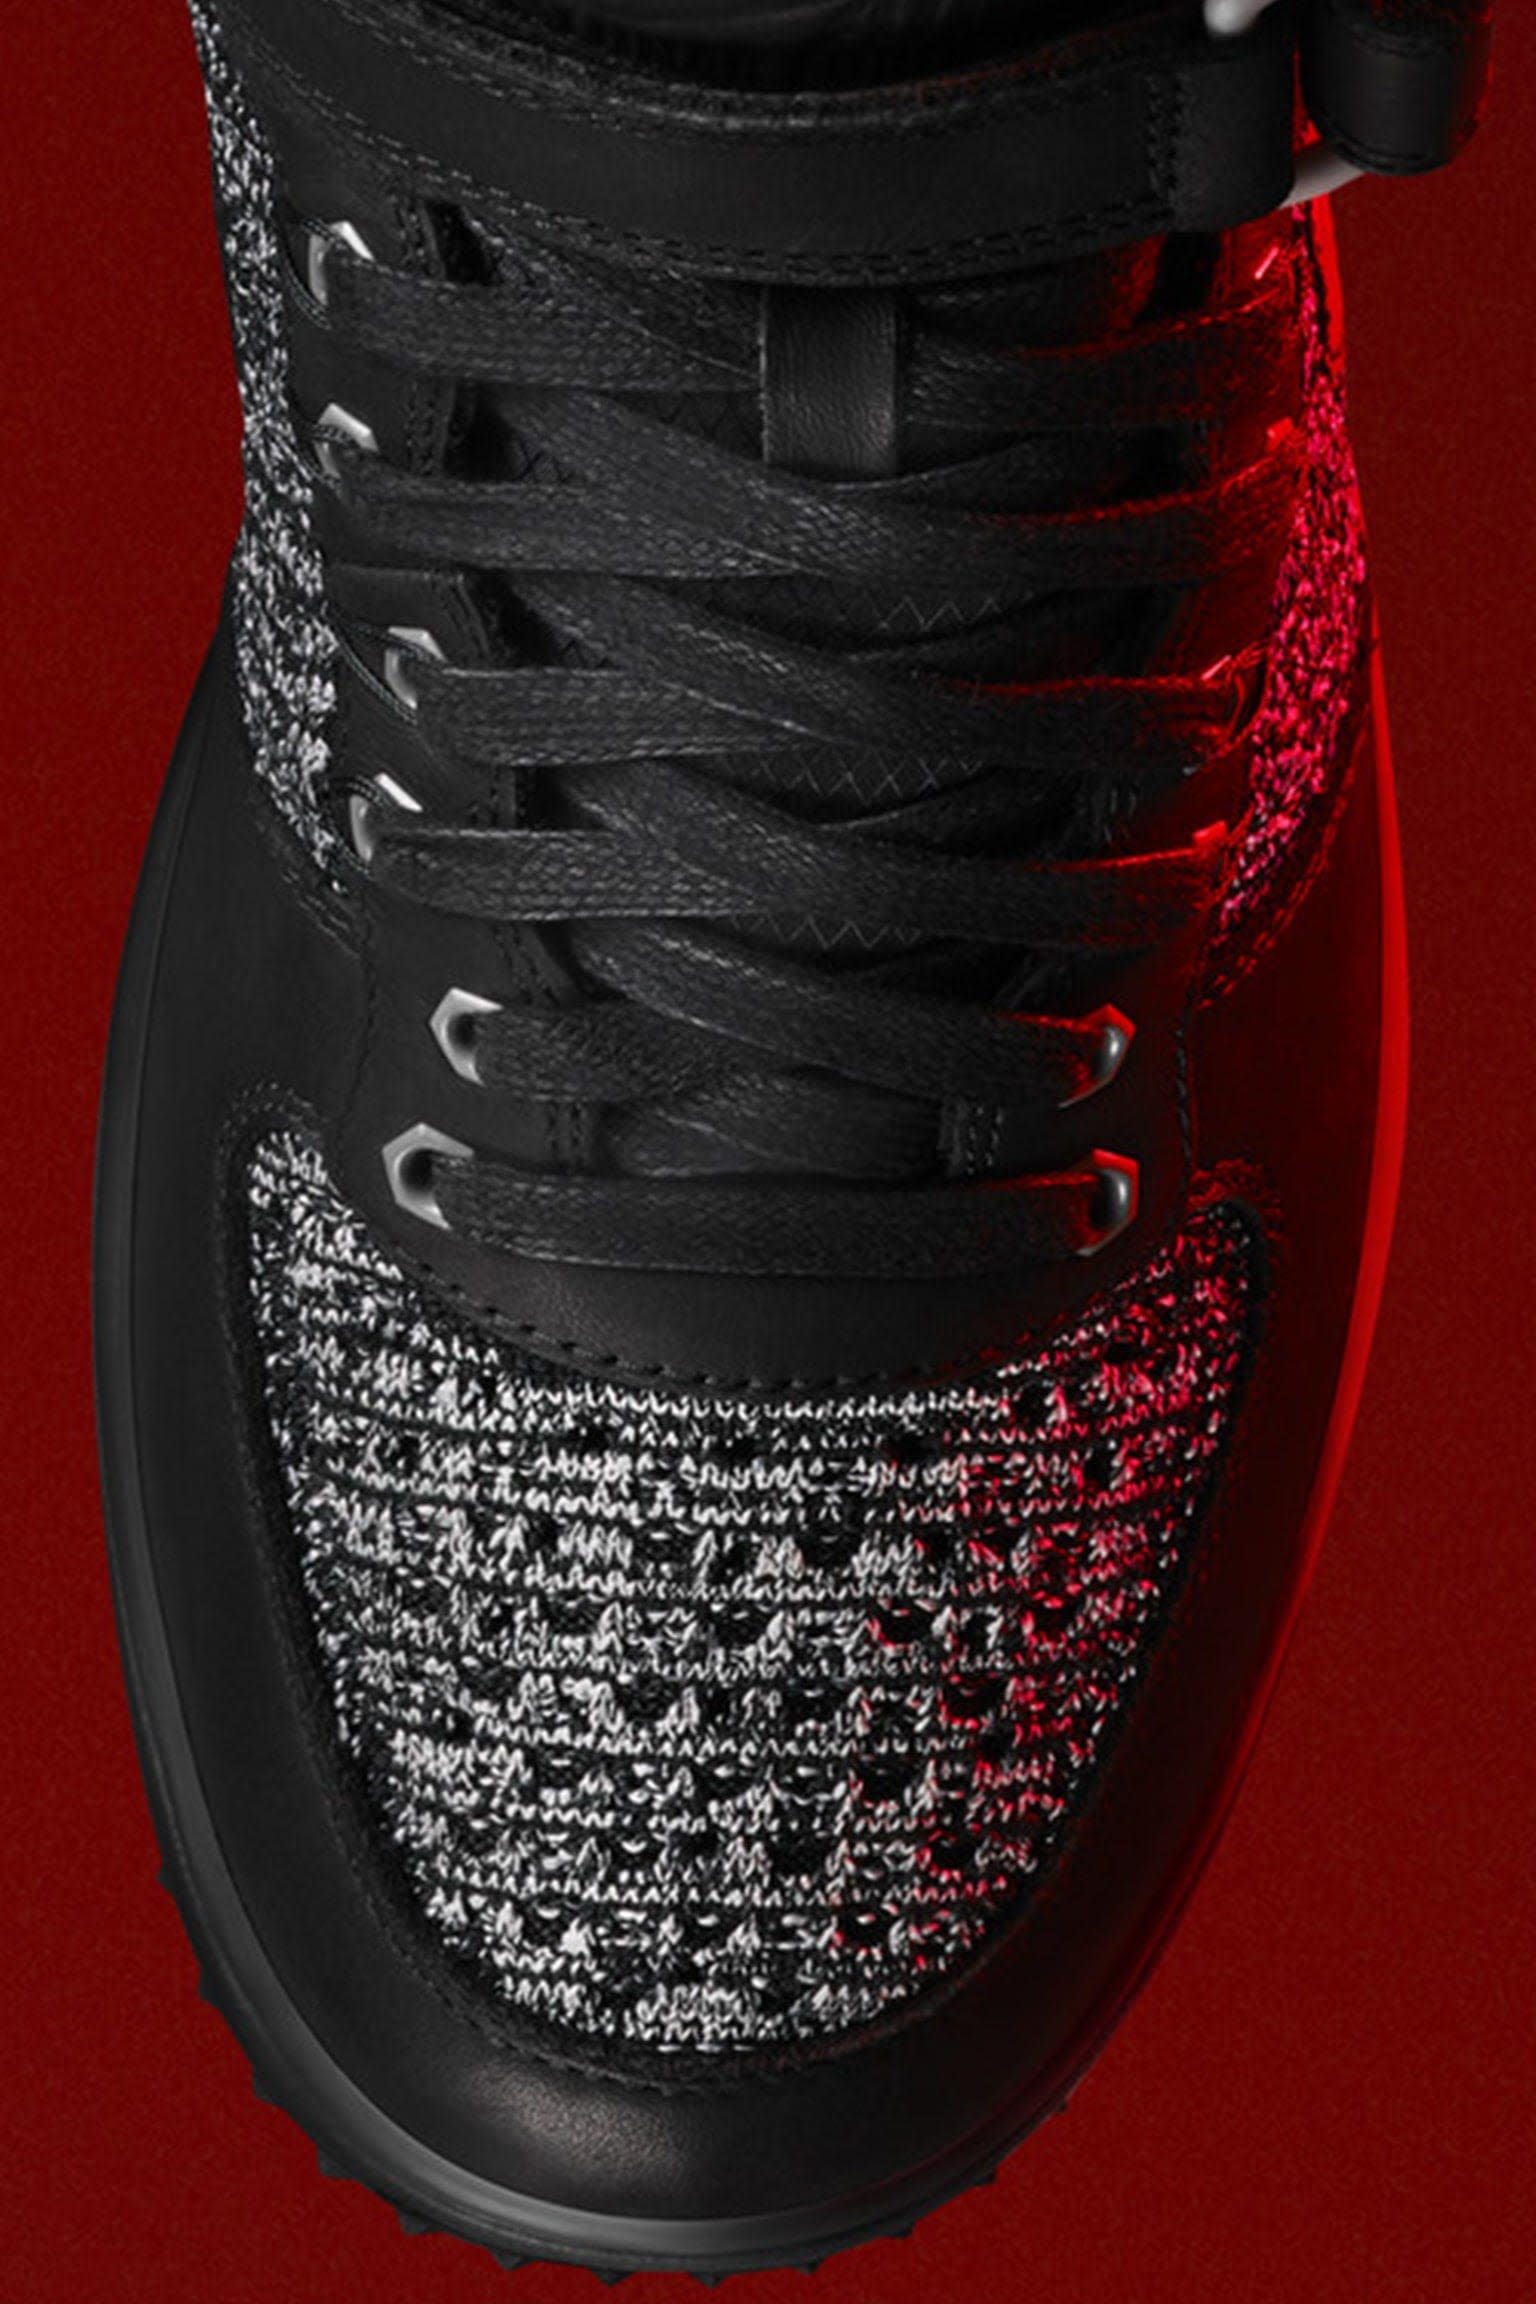 Dámská bota Nike Lunar Force 1 Flyknit Workboot 'Black & White'. Datum uvedení na trh